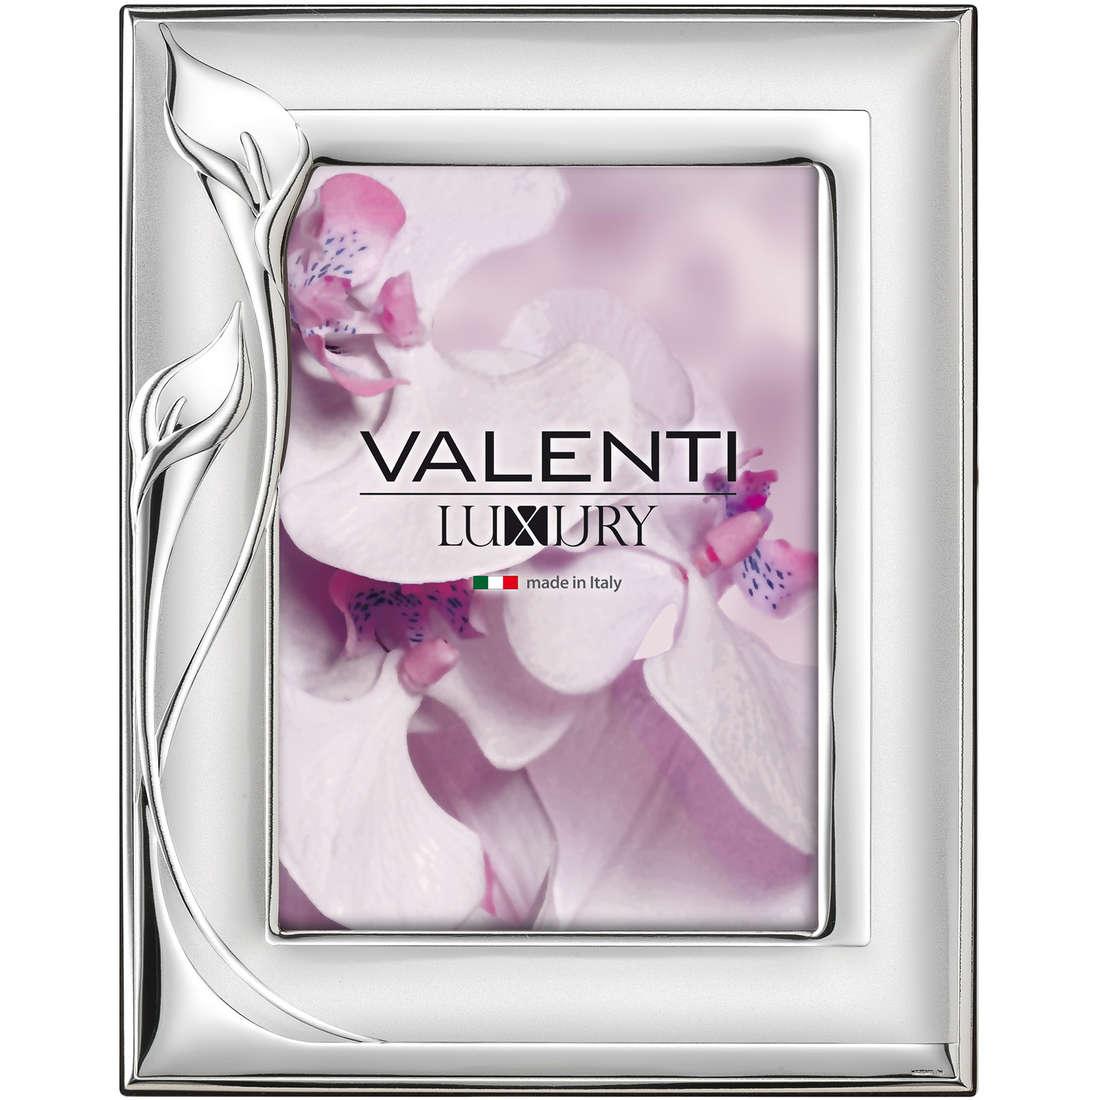 Cornici Valenti, cornice lucida satinata 52007 4L